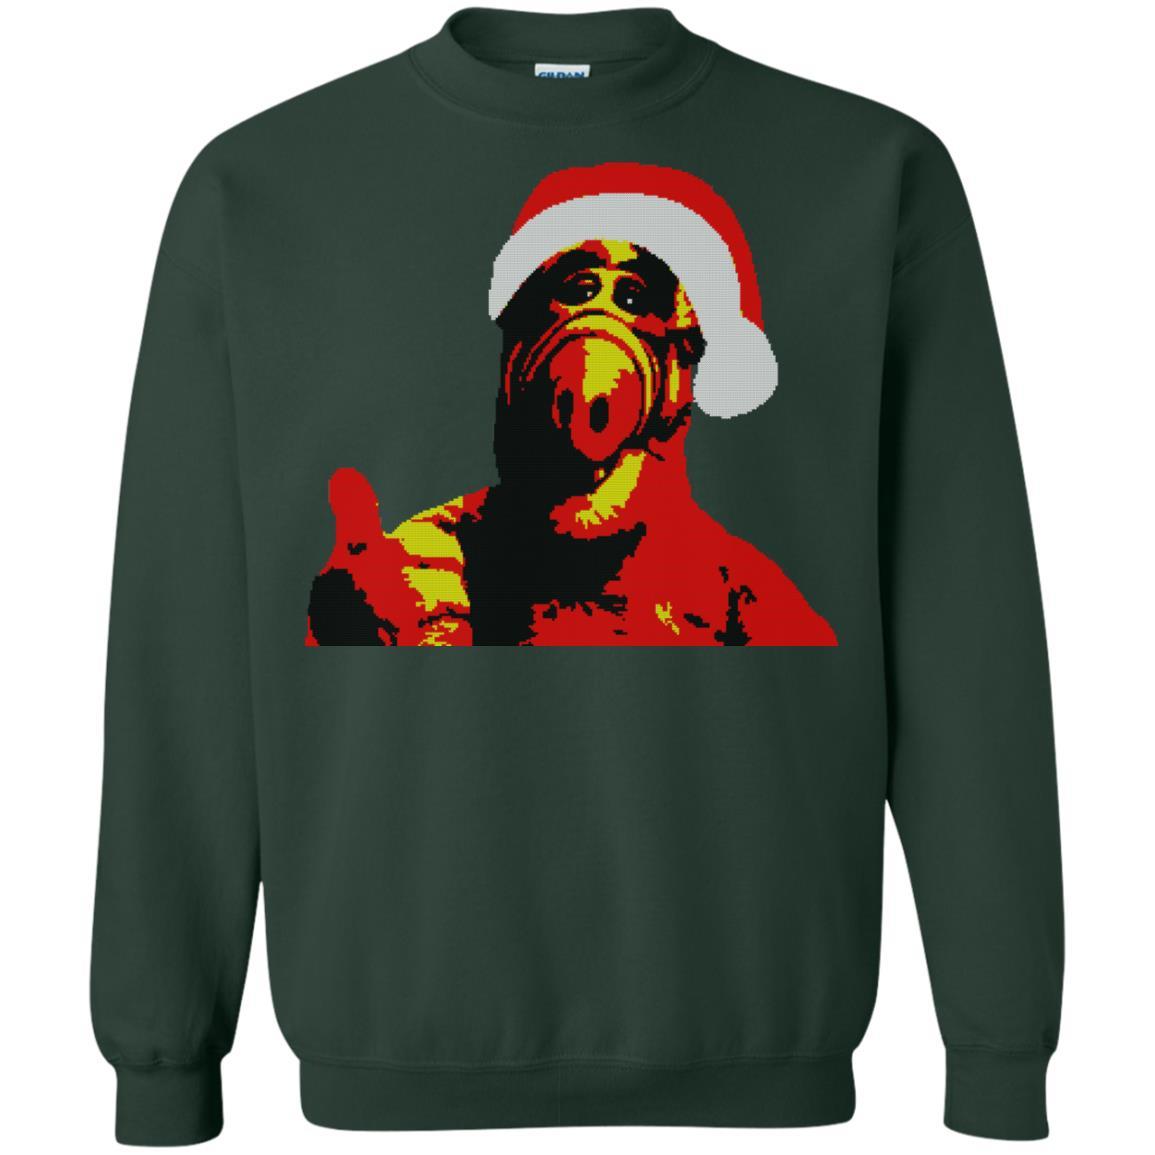 image 1032 - ALF Christmas Sweater, Hoodie, Long Sleeve